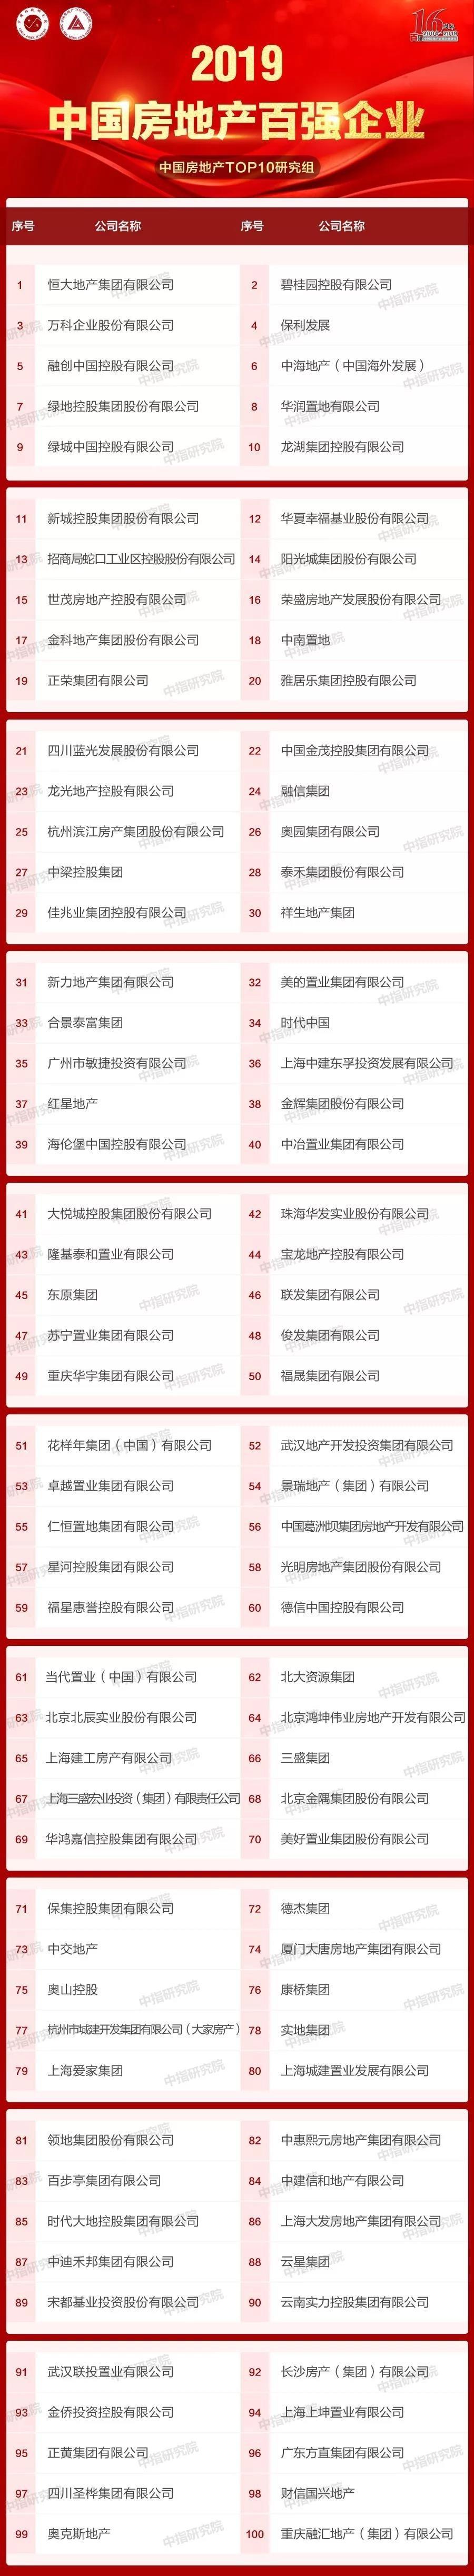 2019中国房地产百强企业名单发布!